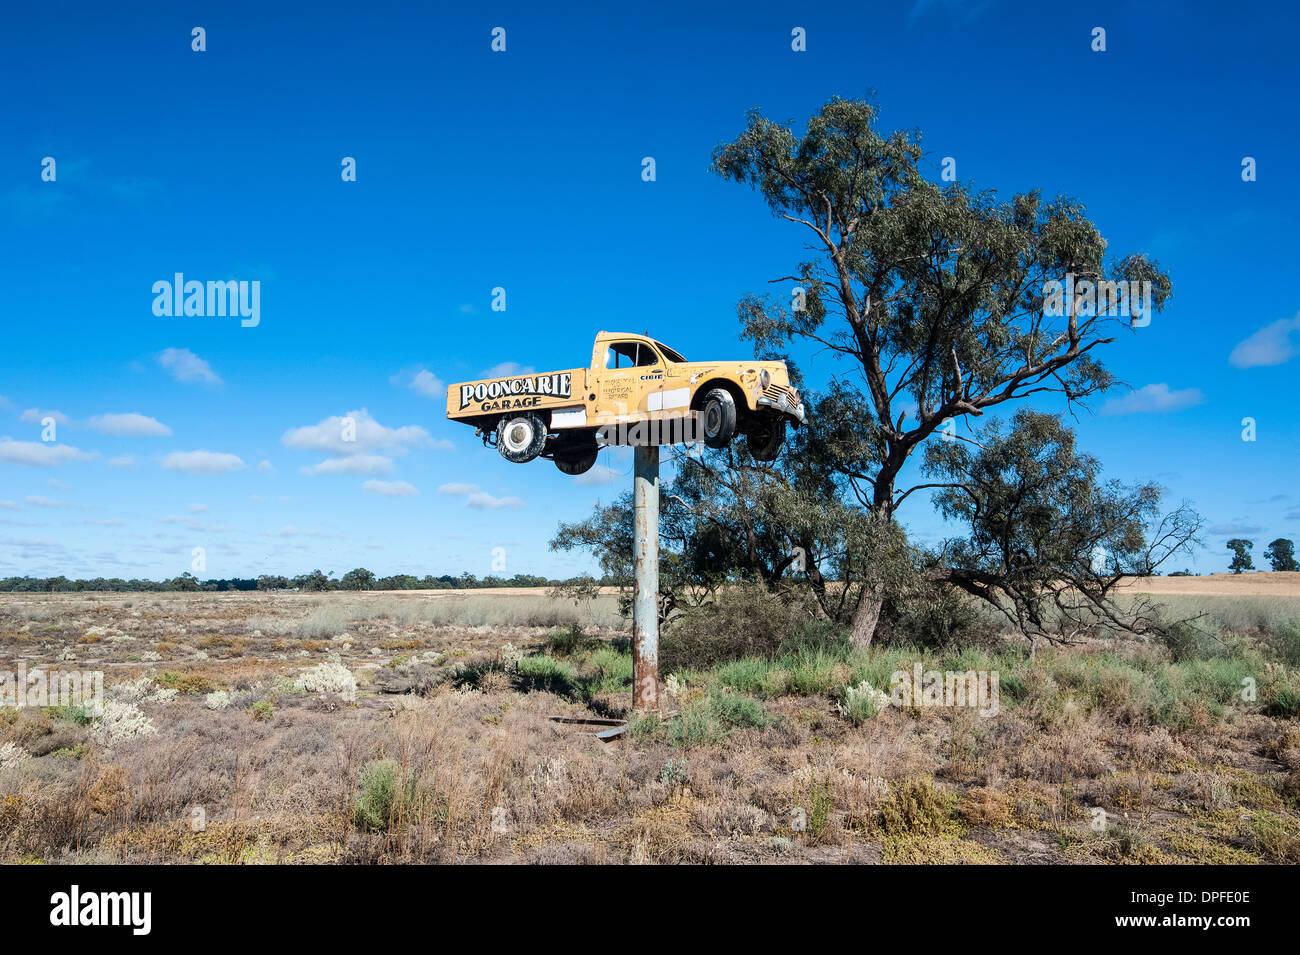 Vieux camion sur un énorme dans le pôle national Mungo Park, qui fait partie de la région des lacs Willandra, Site de l'UNESCO, Victoria, Australie Banque D'Images